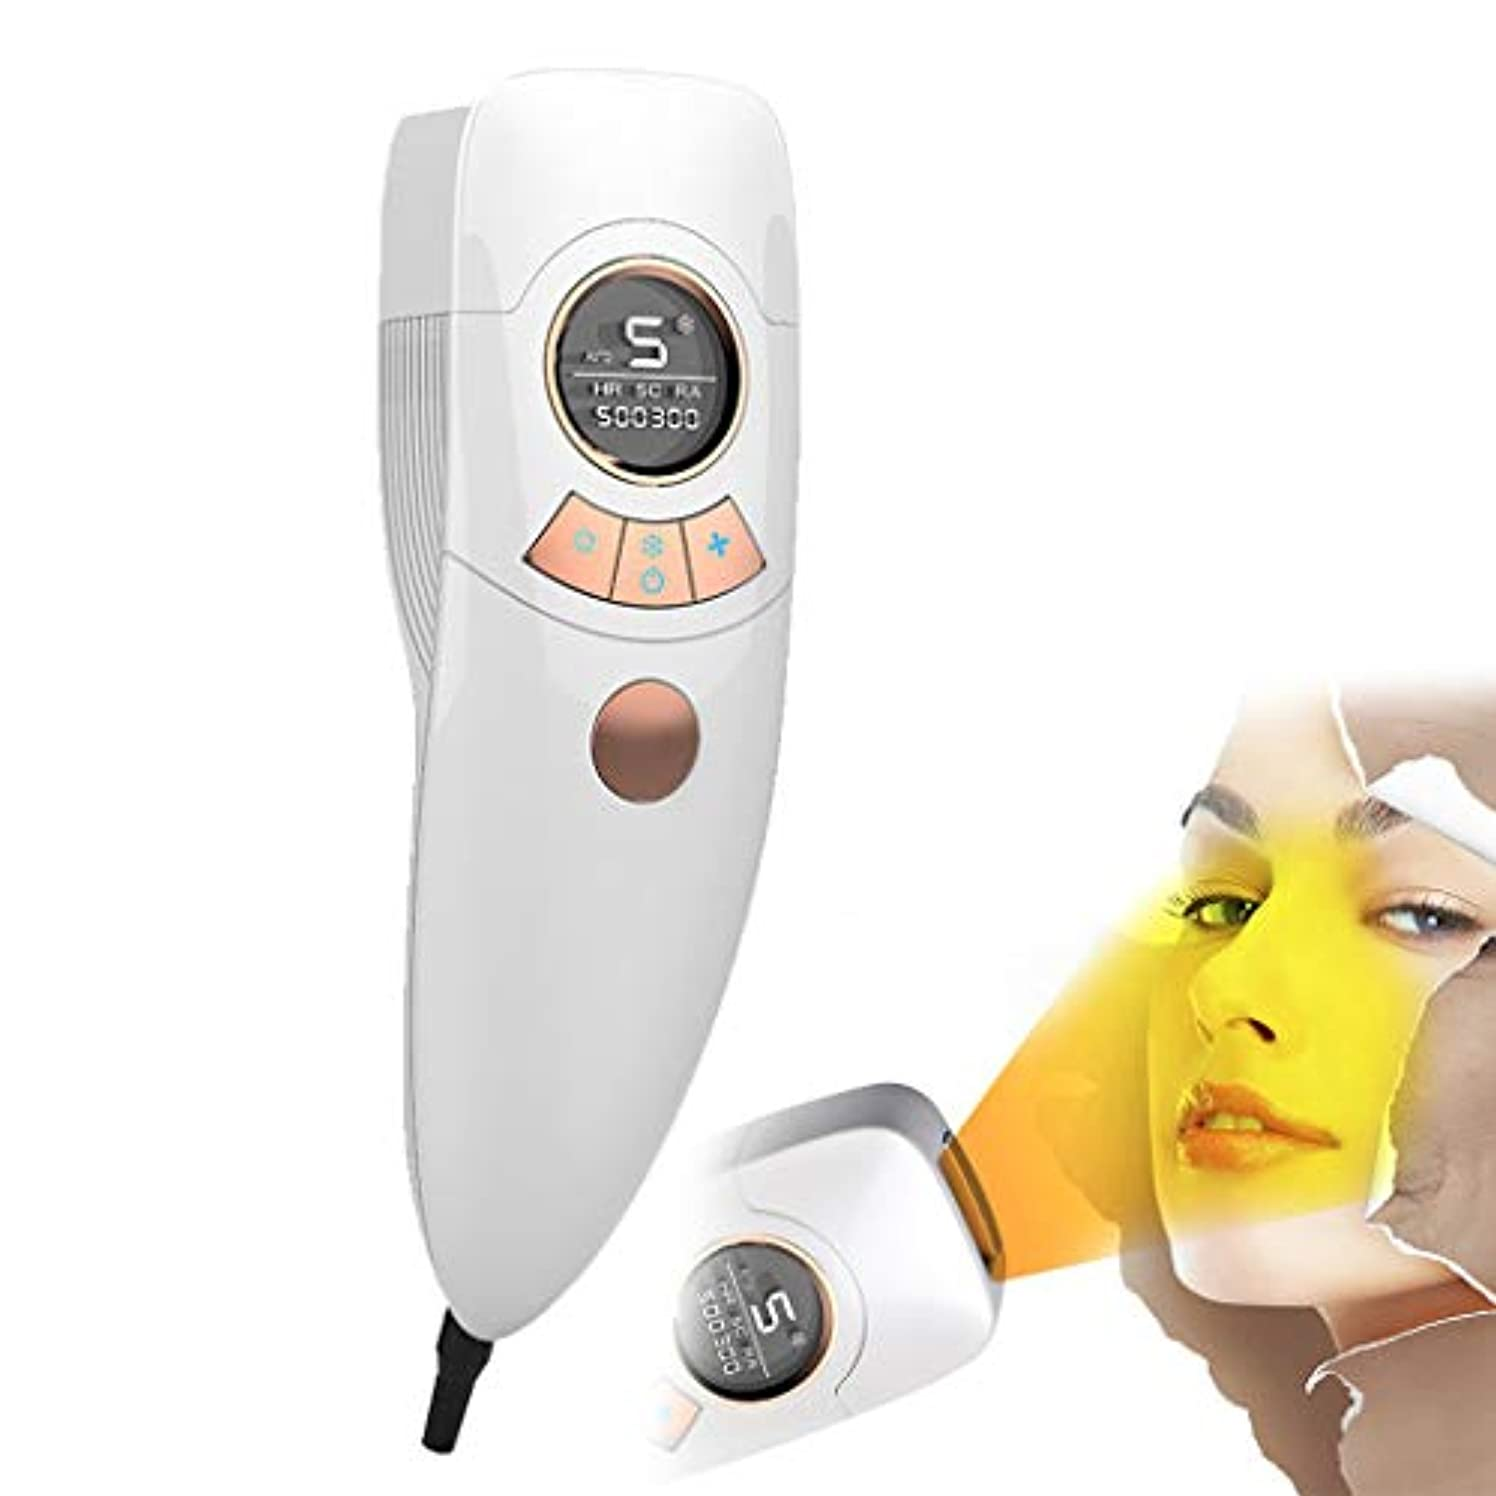 避難一月月曜電気脱毛装置は痛みがありません女性4で1充電式電気脱毛器の髪、ビキニエリア鼻脇の下腕の脚の痛みのない永久的な体毛リムーバー-White